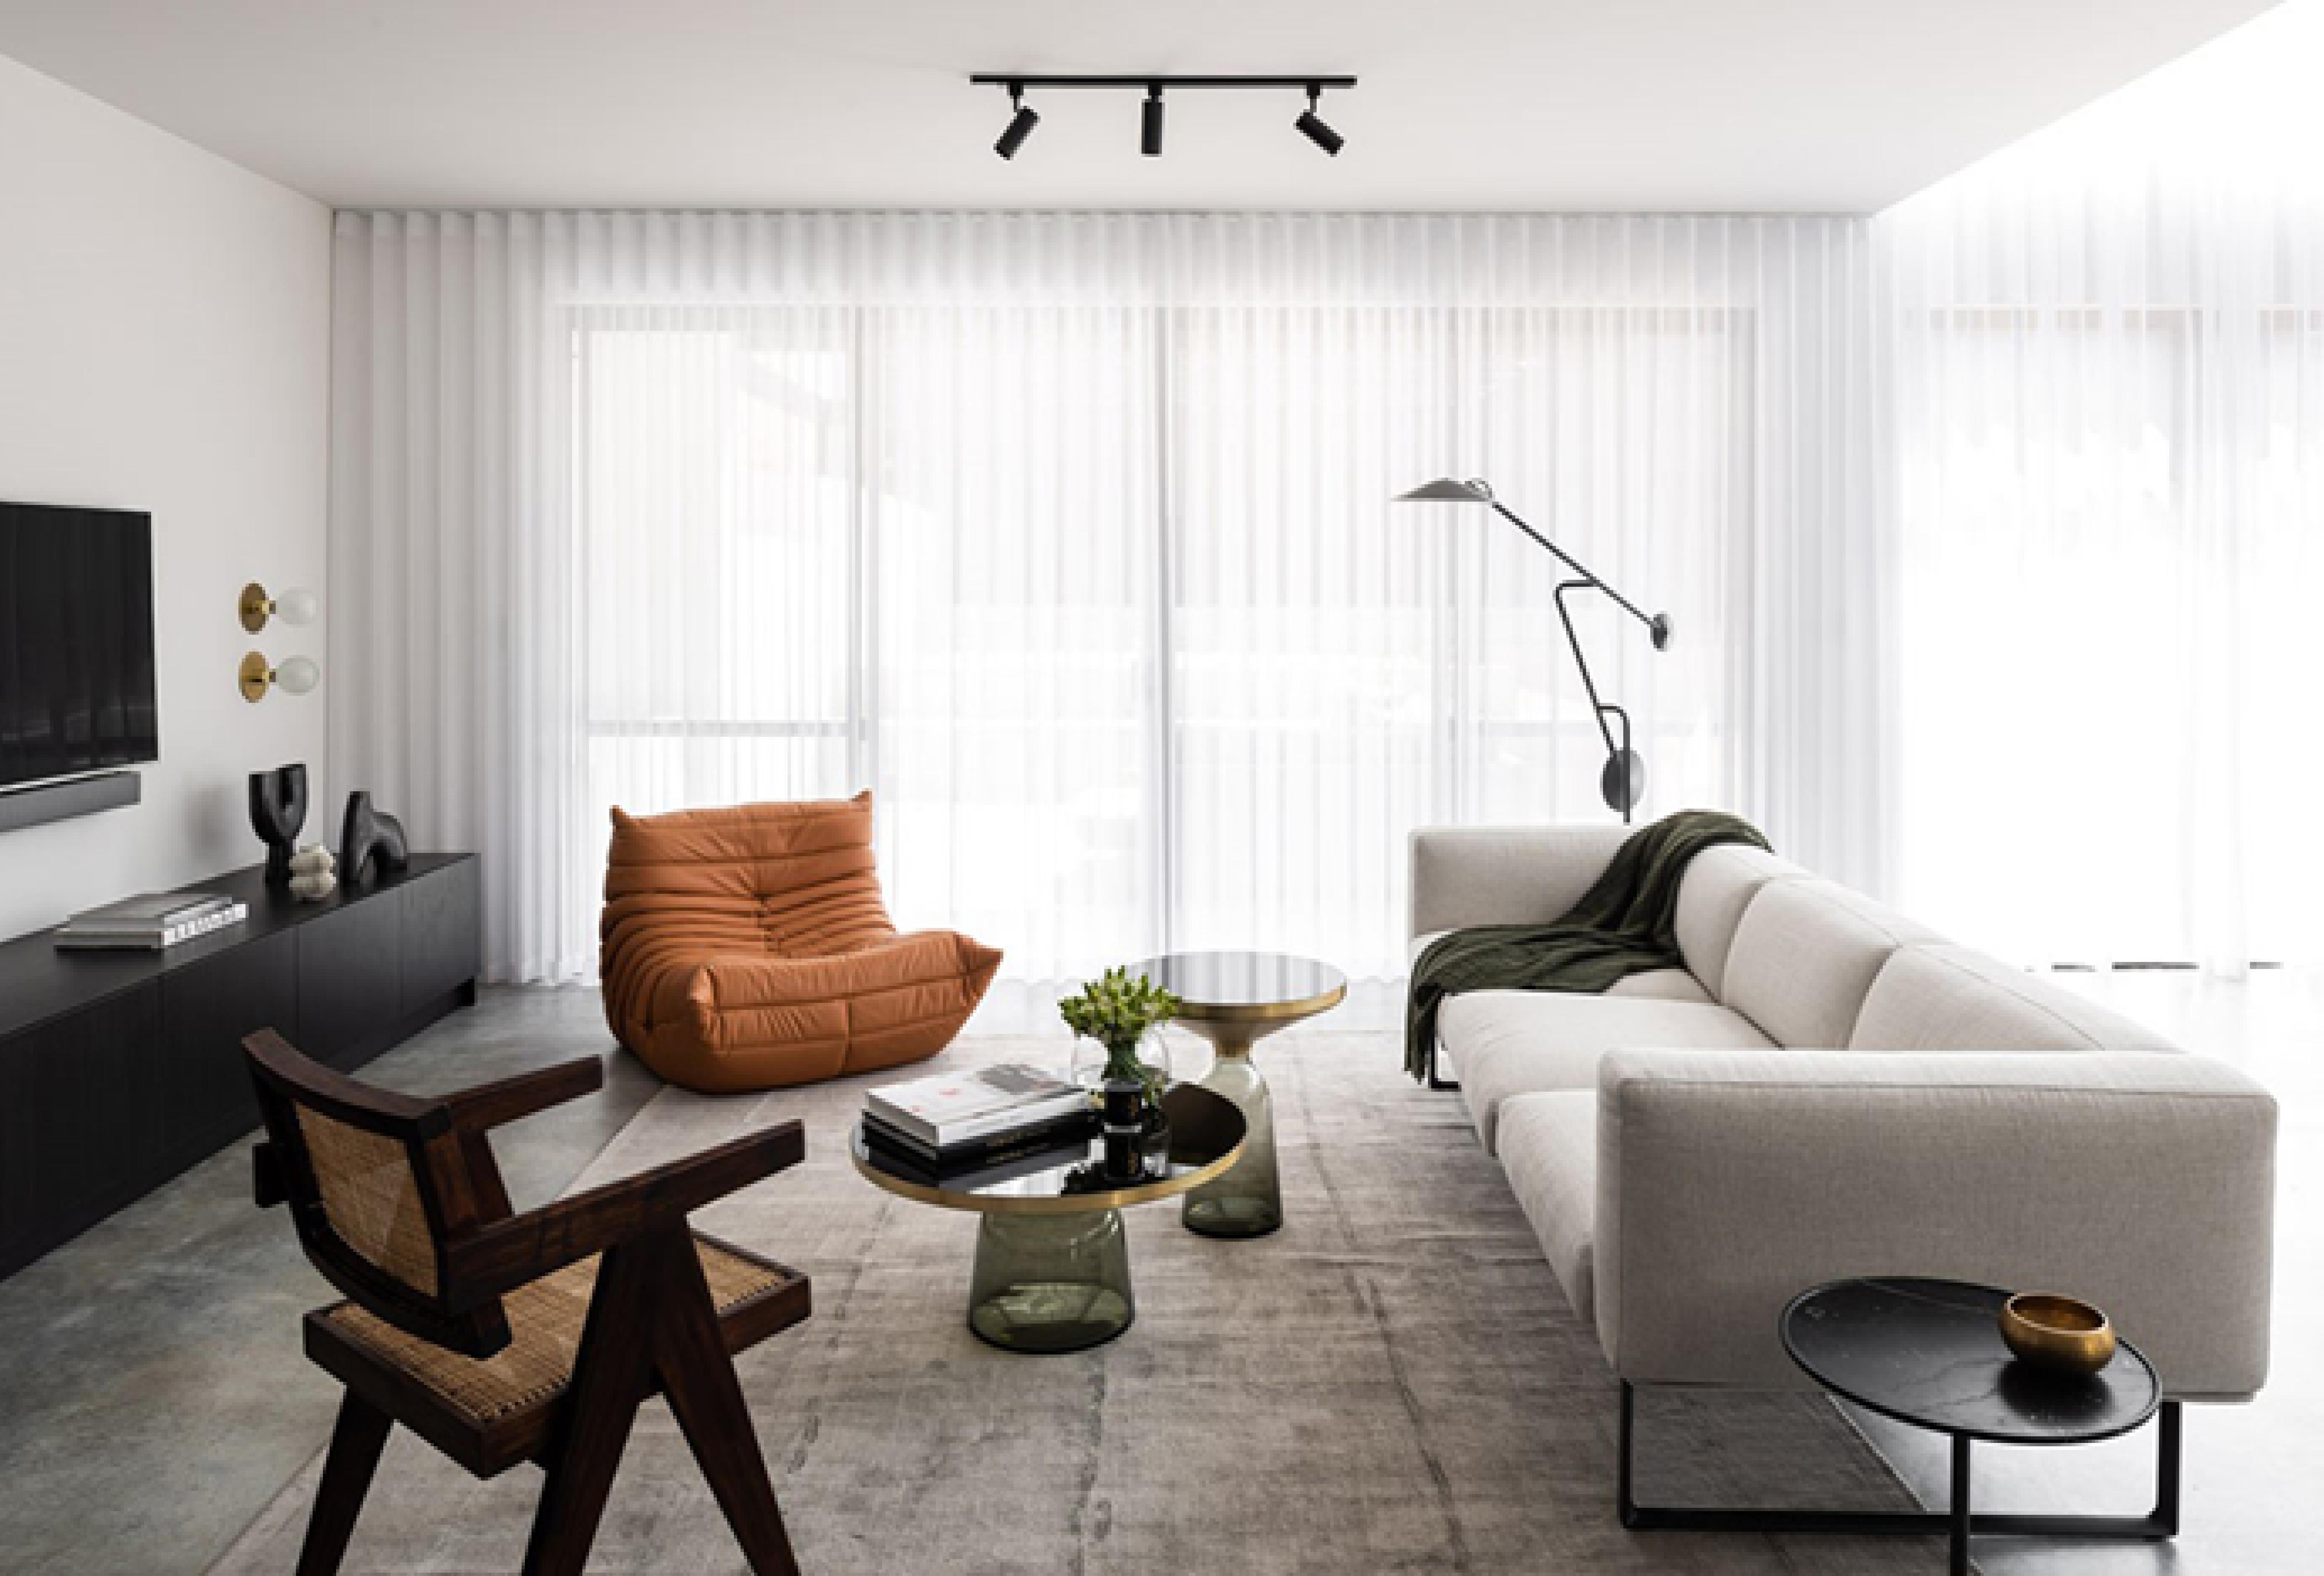 Việc sử dụng gam màu trung tính cho toàn bộ phòng khách, kết hợp chiếc ghế màu cam ngói là điểm nhấn cho phòng khách